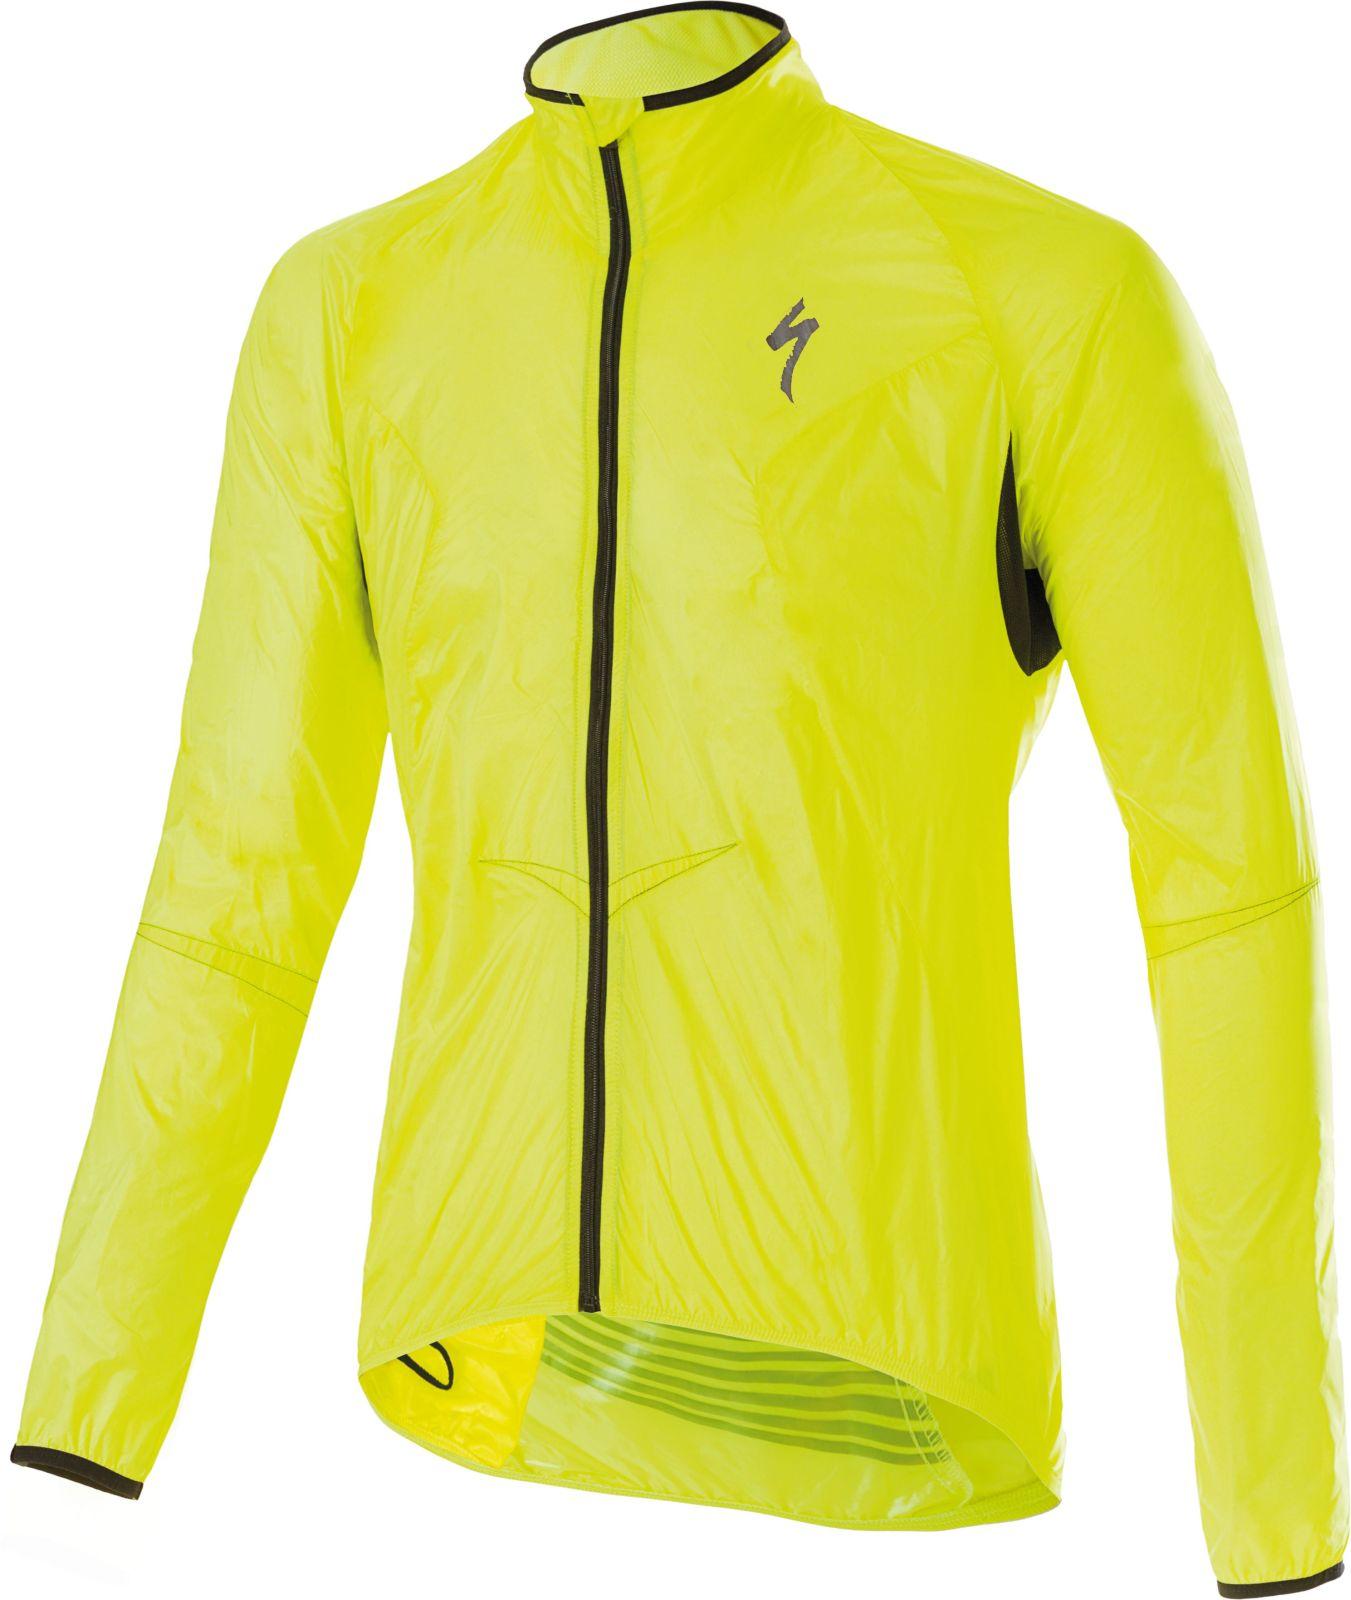 94b16c65c Cyklistická bunda Specialized Deflect Comp Jacket - neon yellow ...